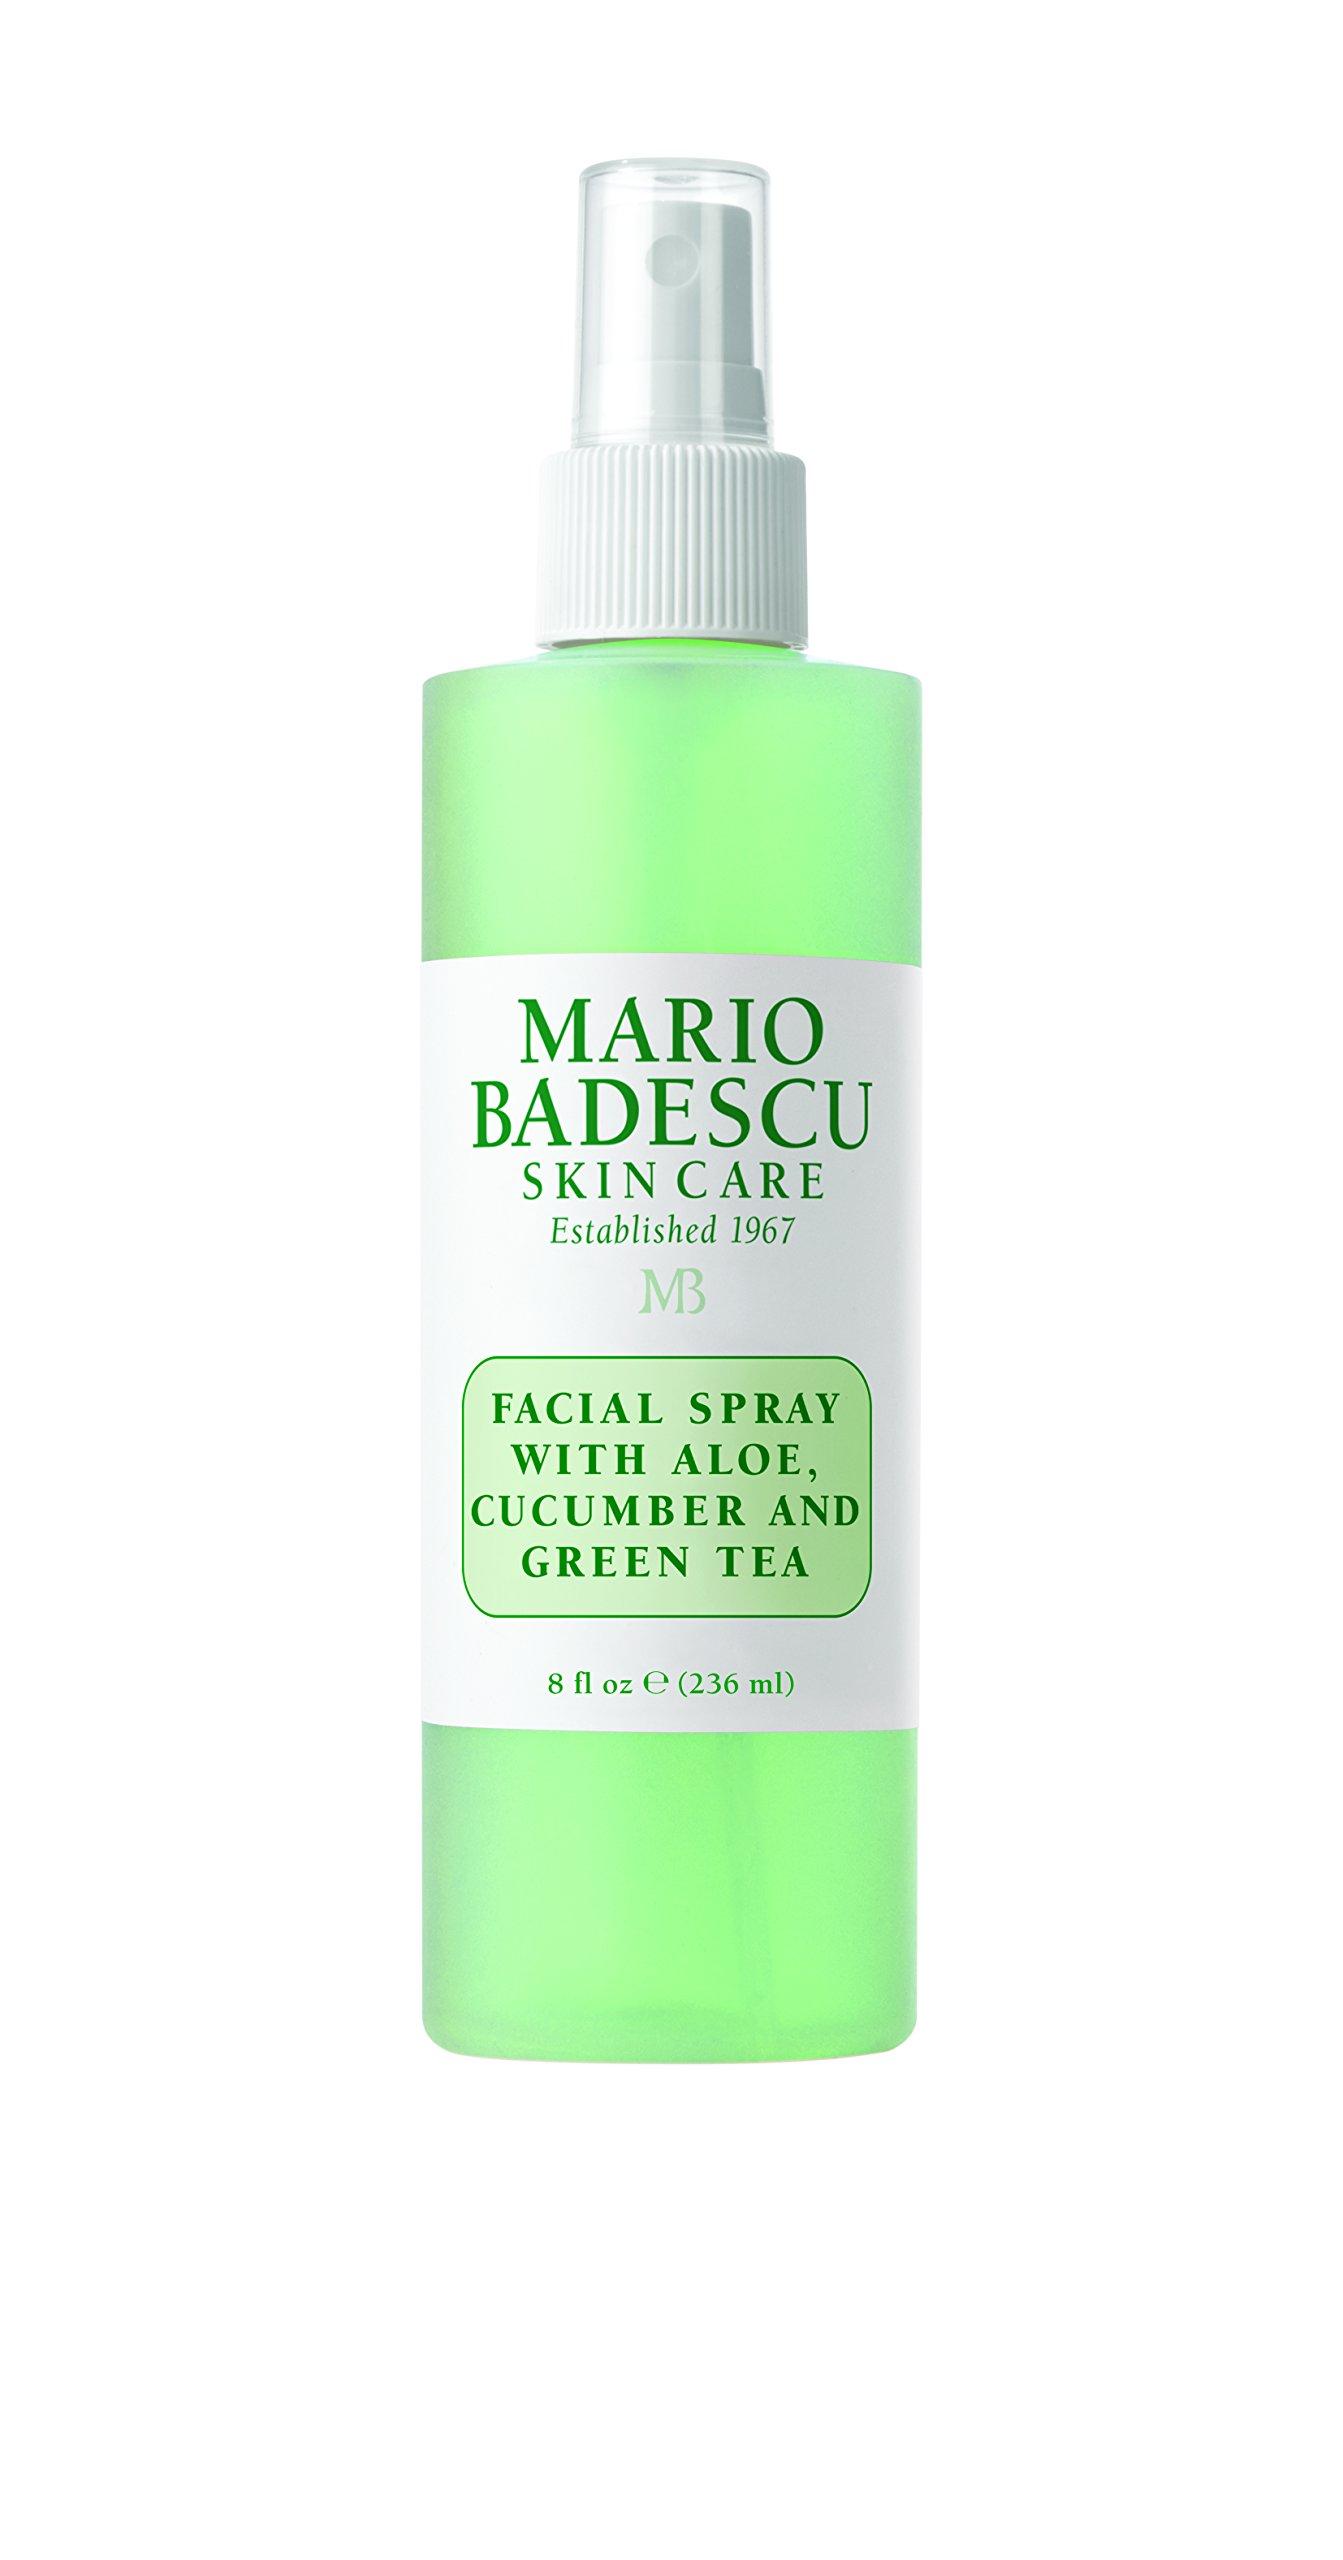 Mario Badescu Facial Spray with Aloe,Cucumber and  Green Tea, 8 Fl Oz by Mario Badescu